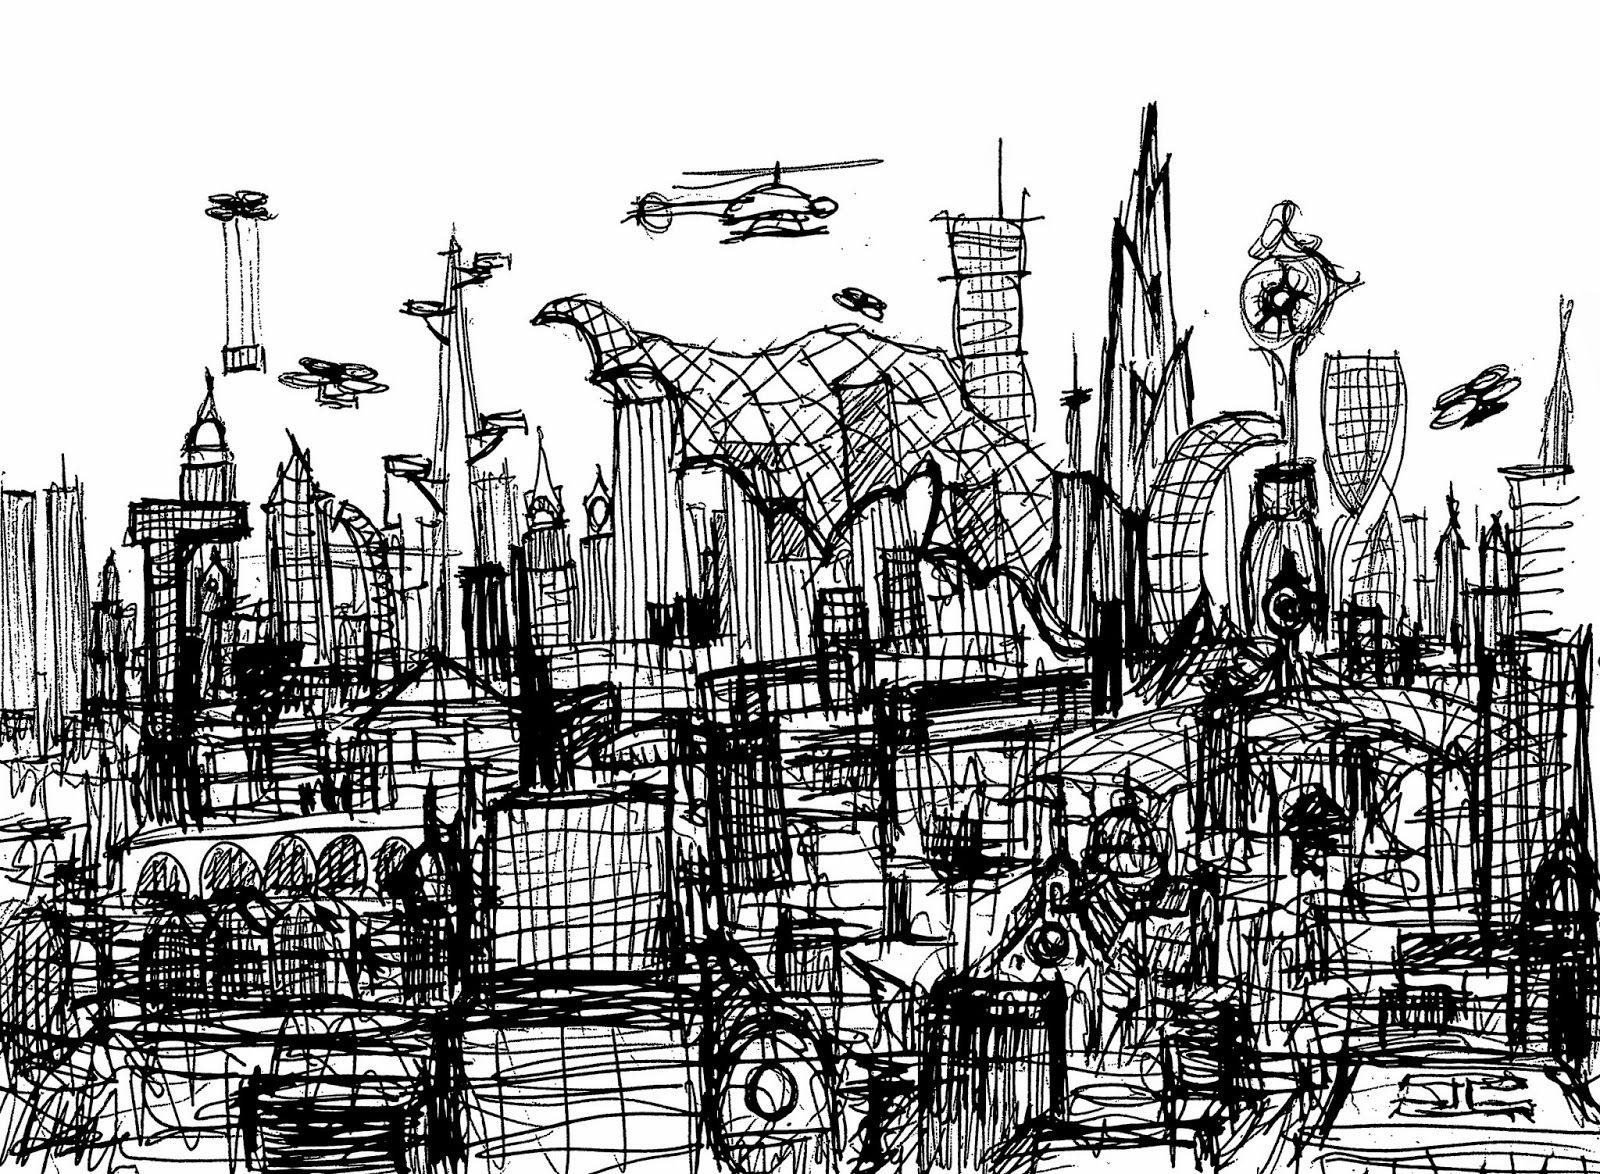 Dario Tuis: Drawings